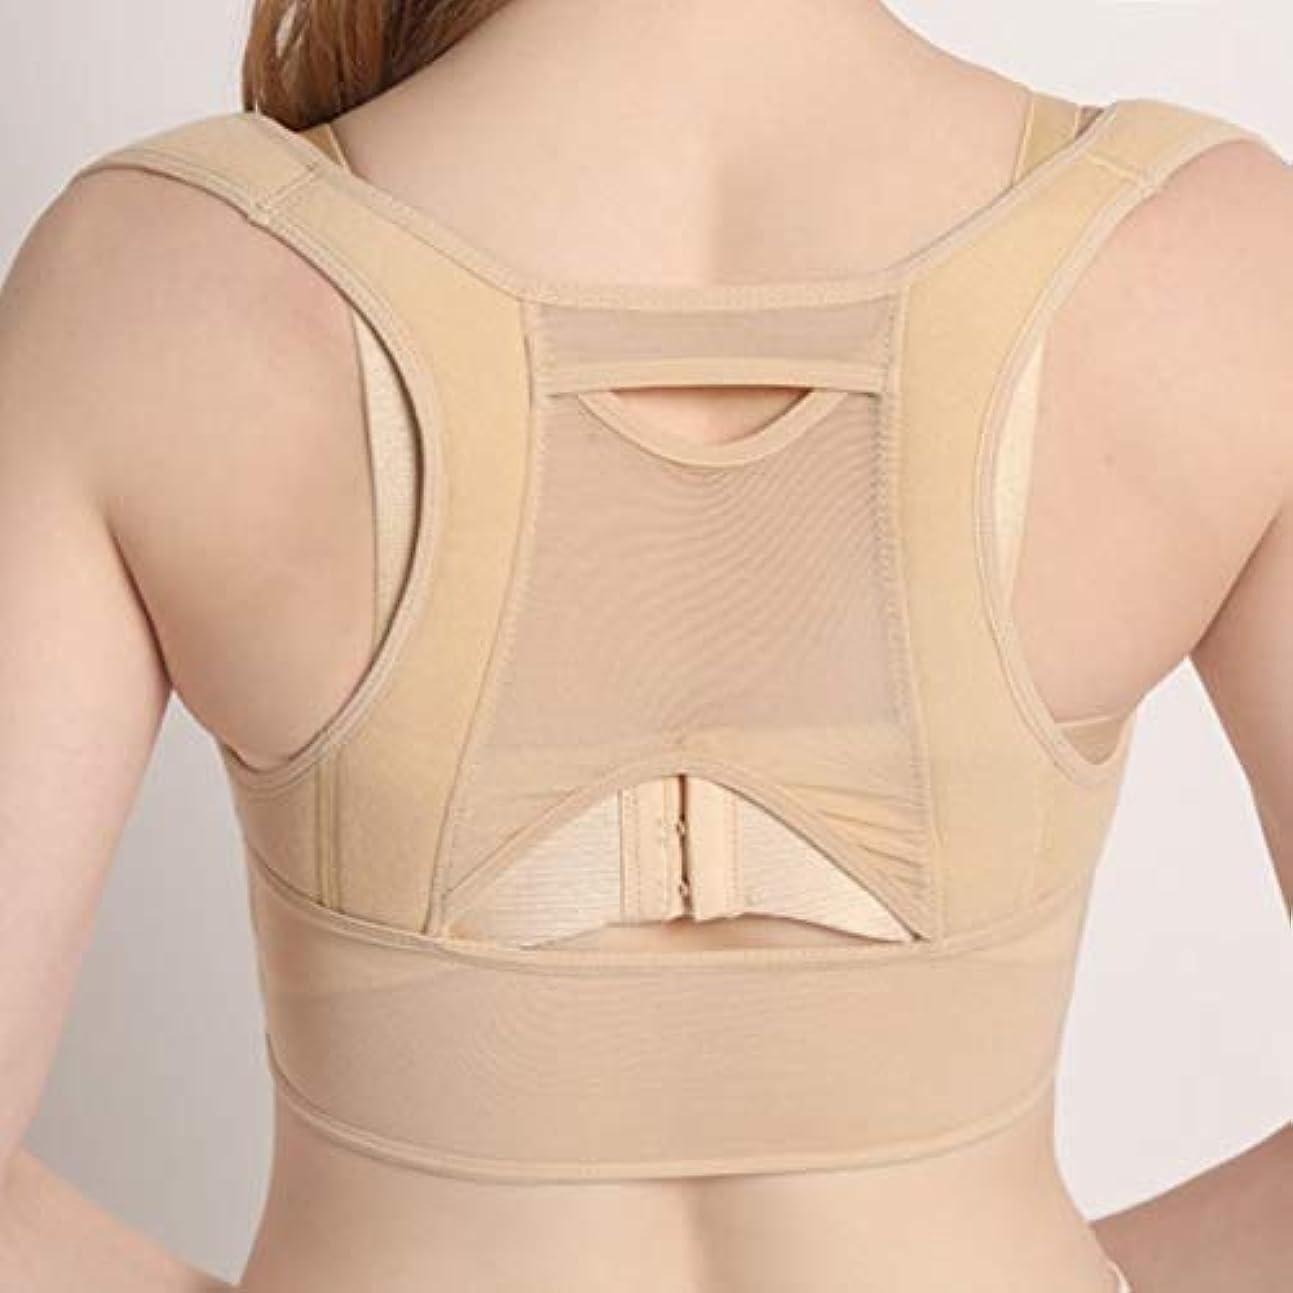 不合格毒液思い出させる通気性のある女性の背中の姿勢矯正コルセット整形外科の背中の肩の背骨の姿勢矯正腰椎サポート - ベージュホワイトL